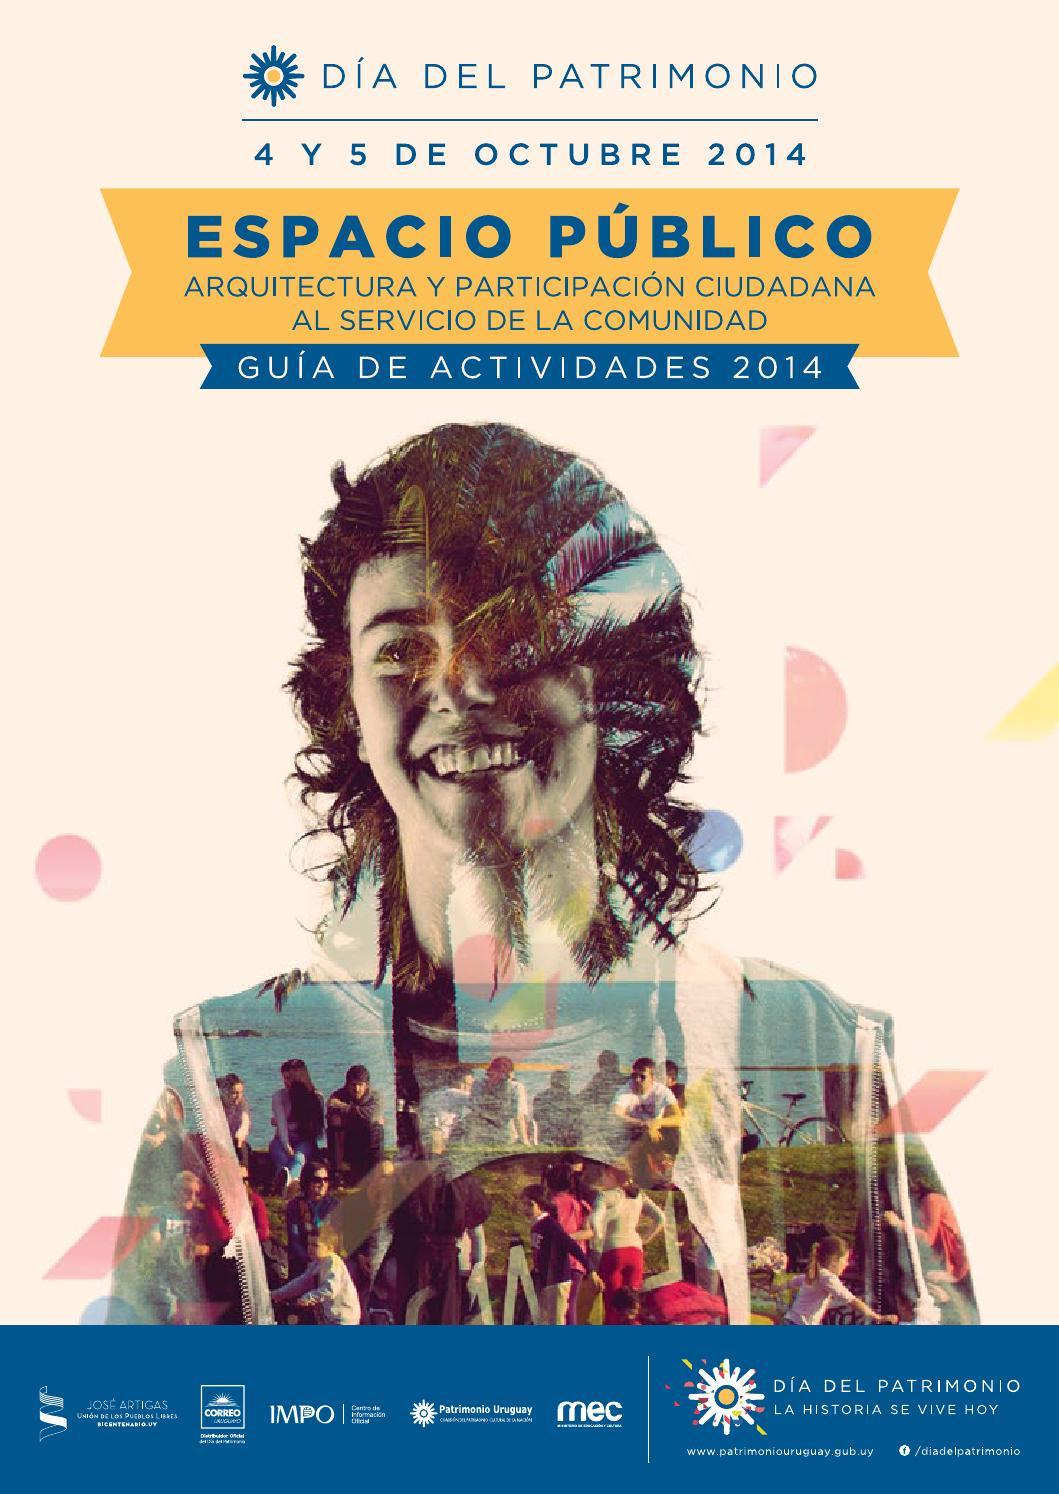 Guia Patrimonio 2014 by Día del Patrimonio - issuu